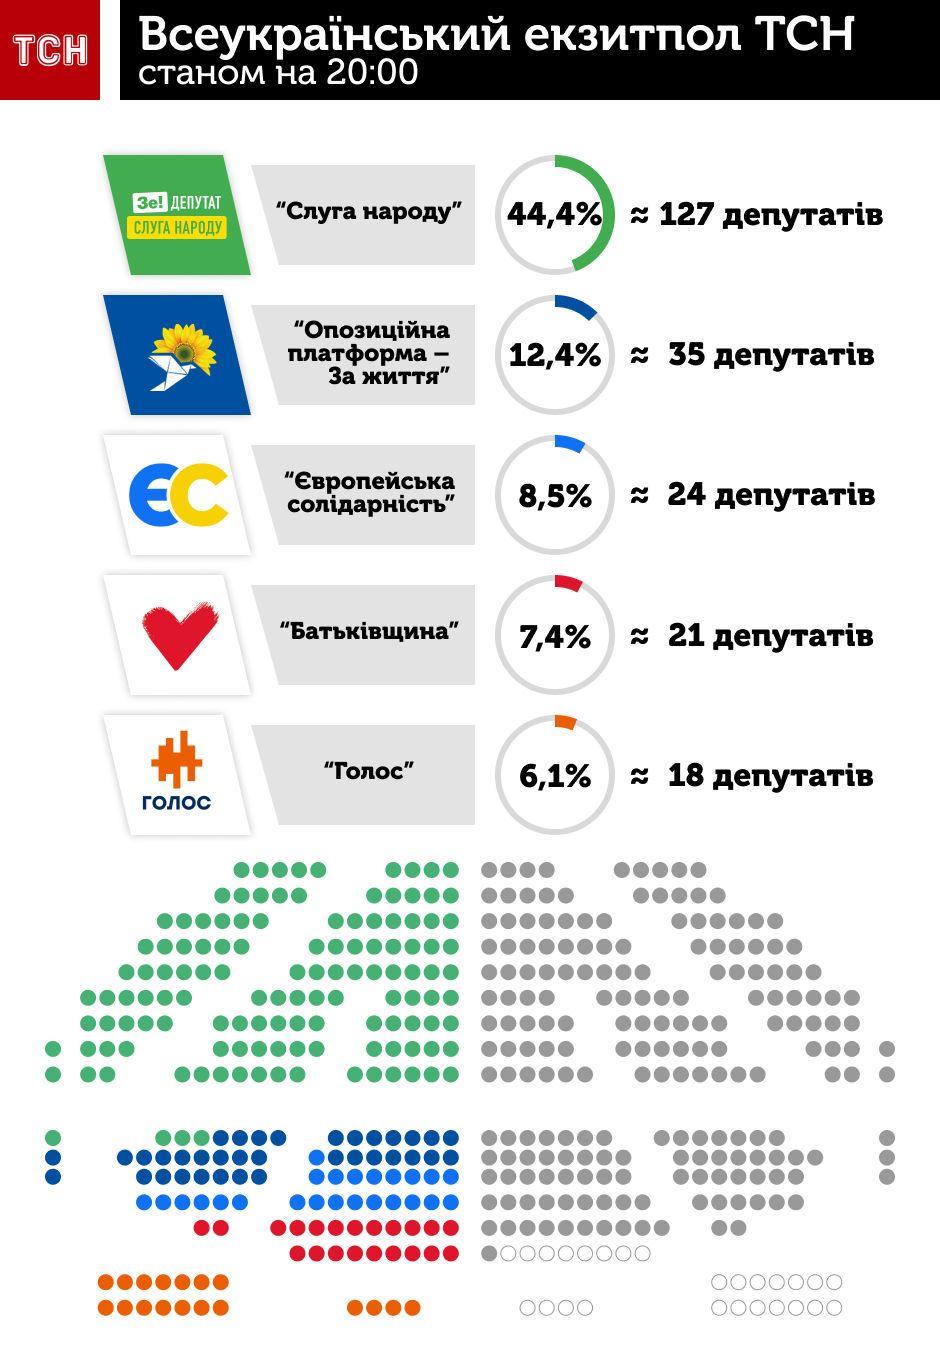 Місця у Раді за даними екзитполу, інфографіка на 20.00